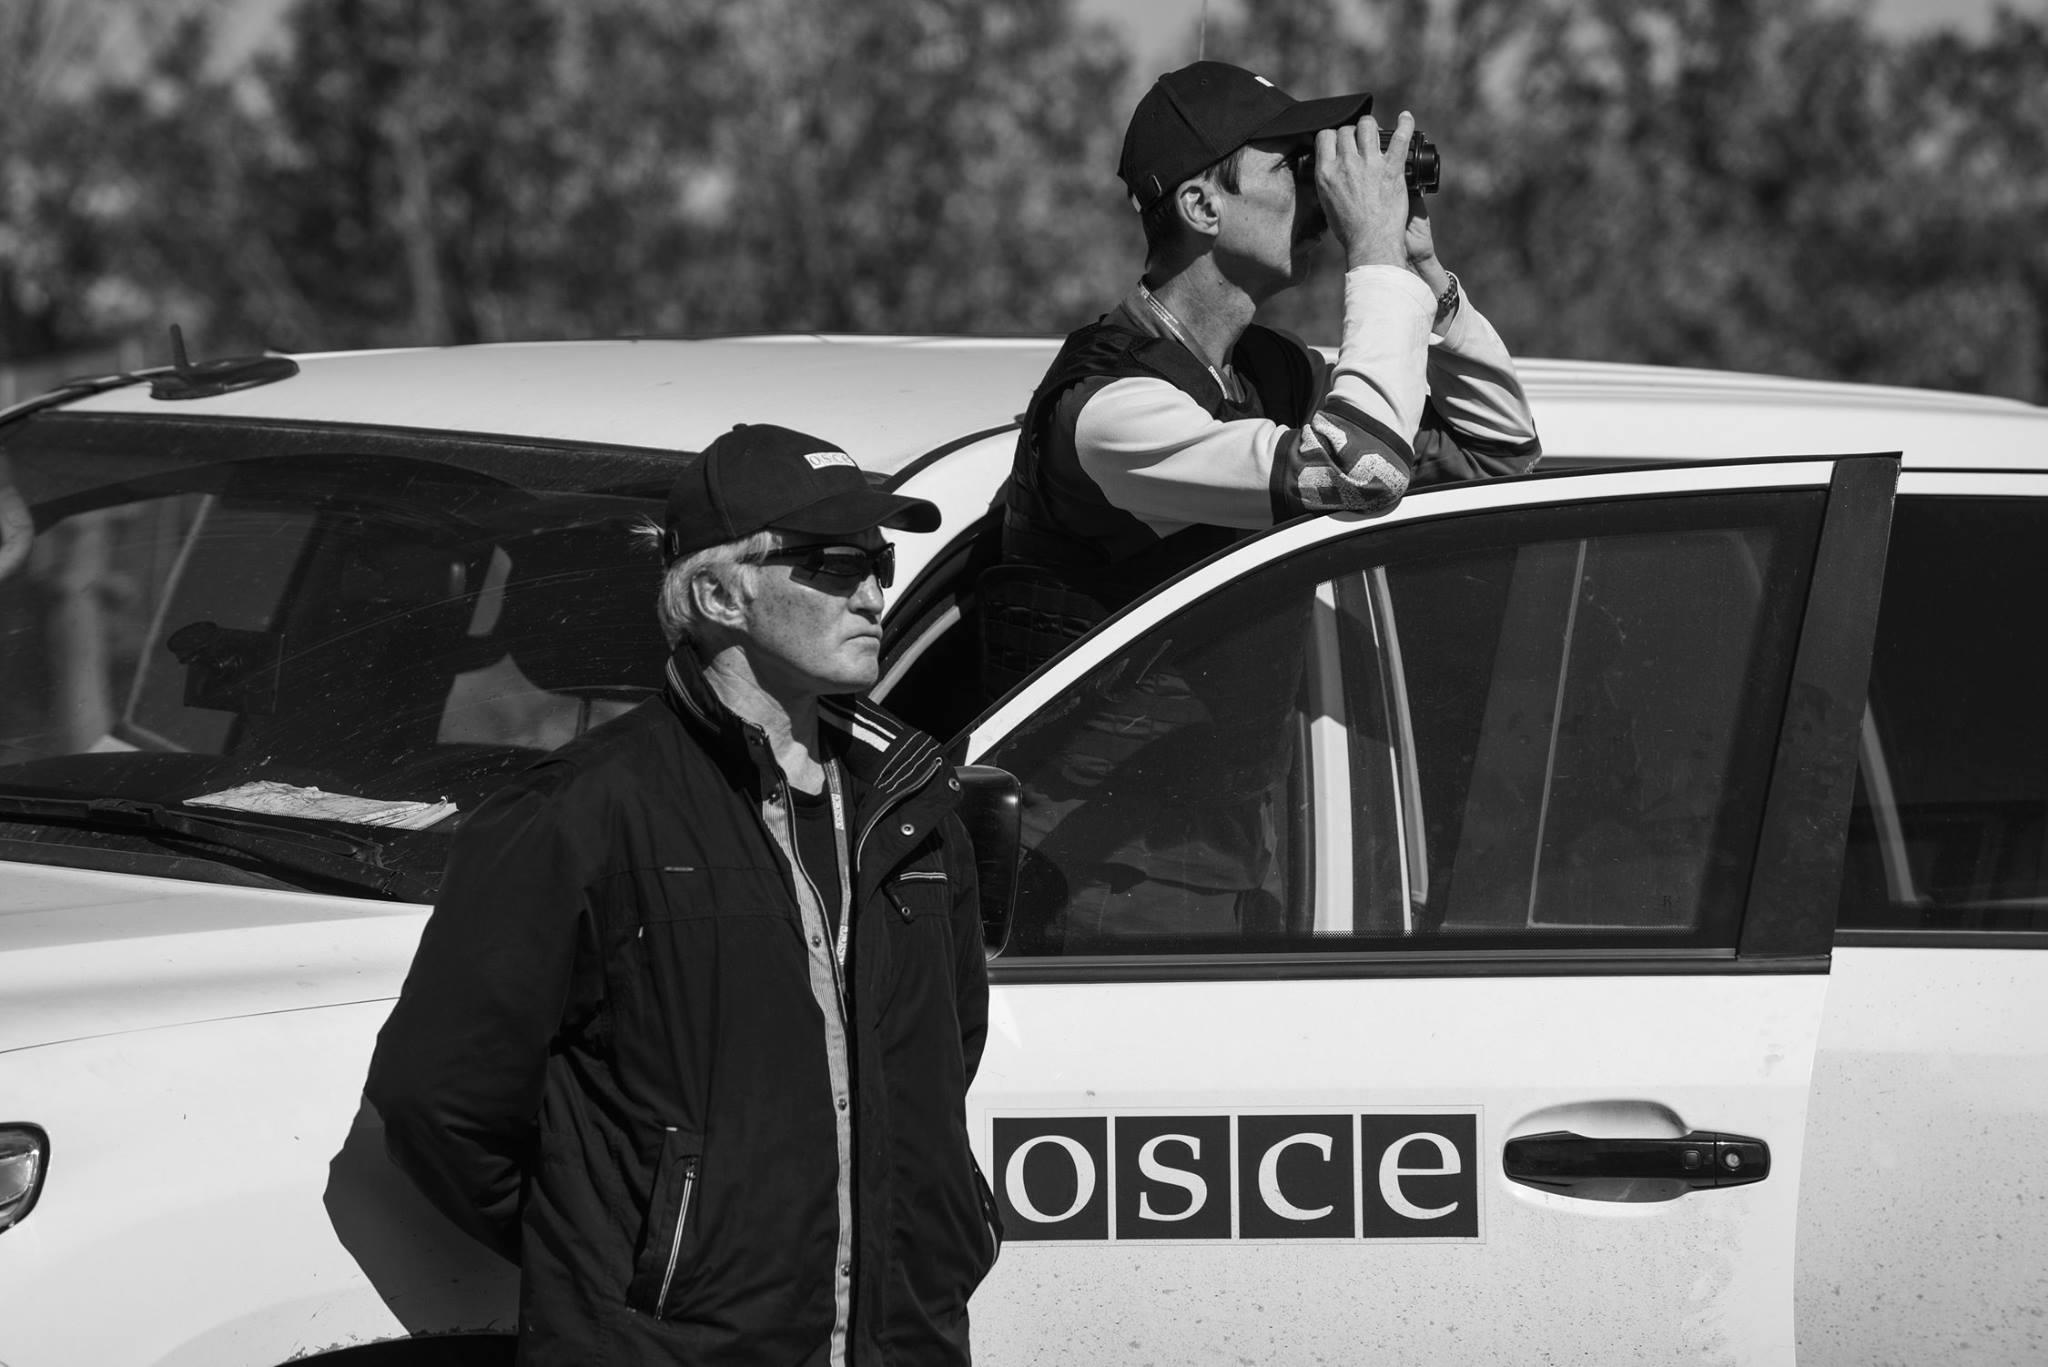 ОБСЕ жалуется на боевиков, которые перекрывают дороги наблюдателям